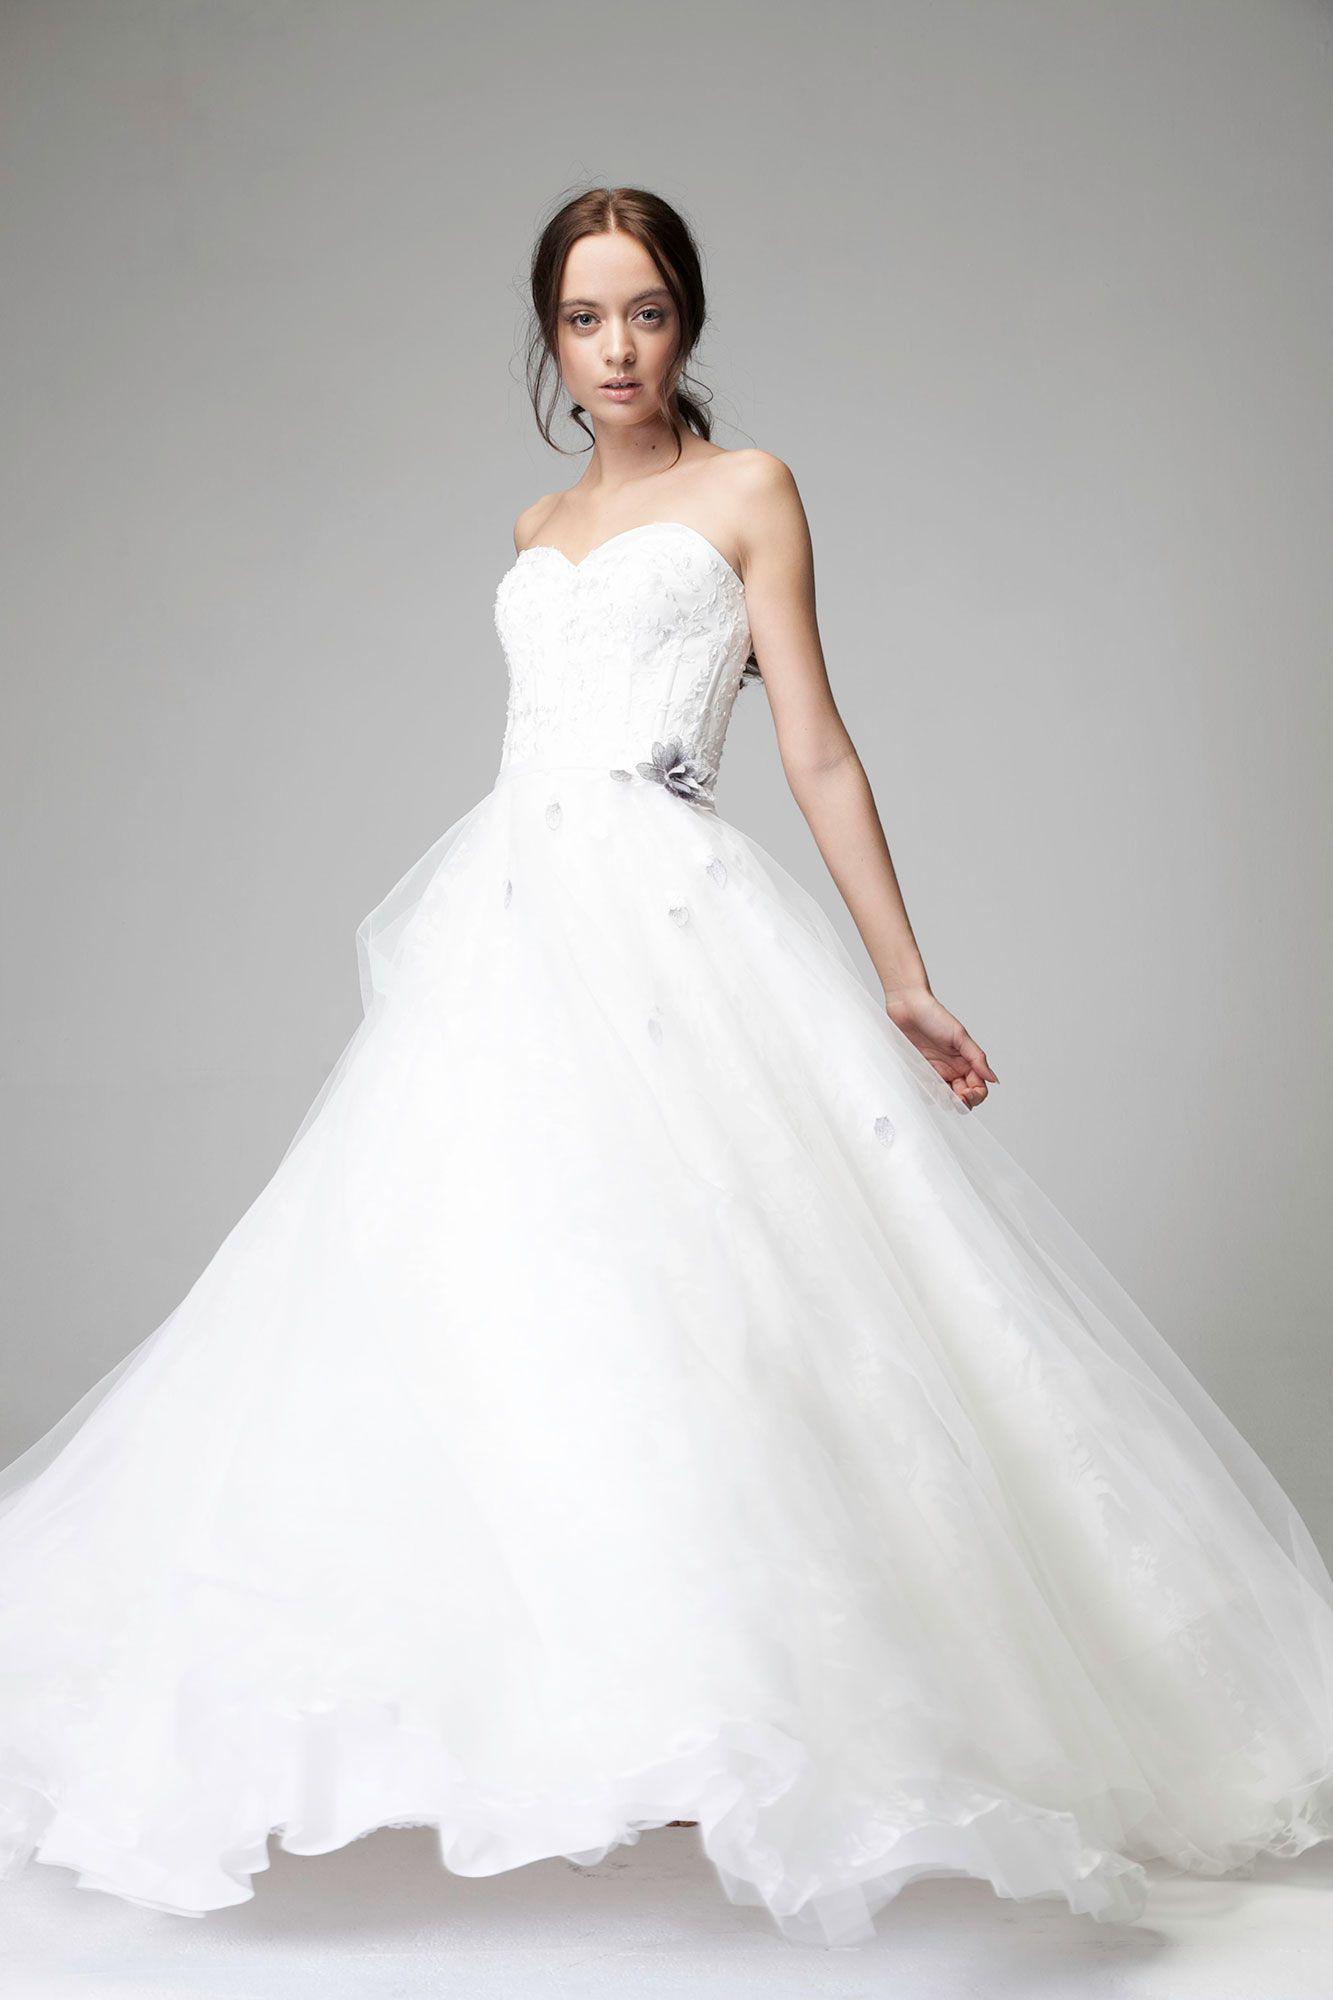 Romantisches Brautkleid in der Farbe ivory.  Brautmode